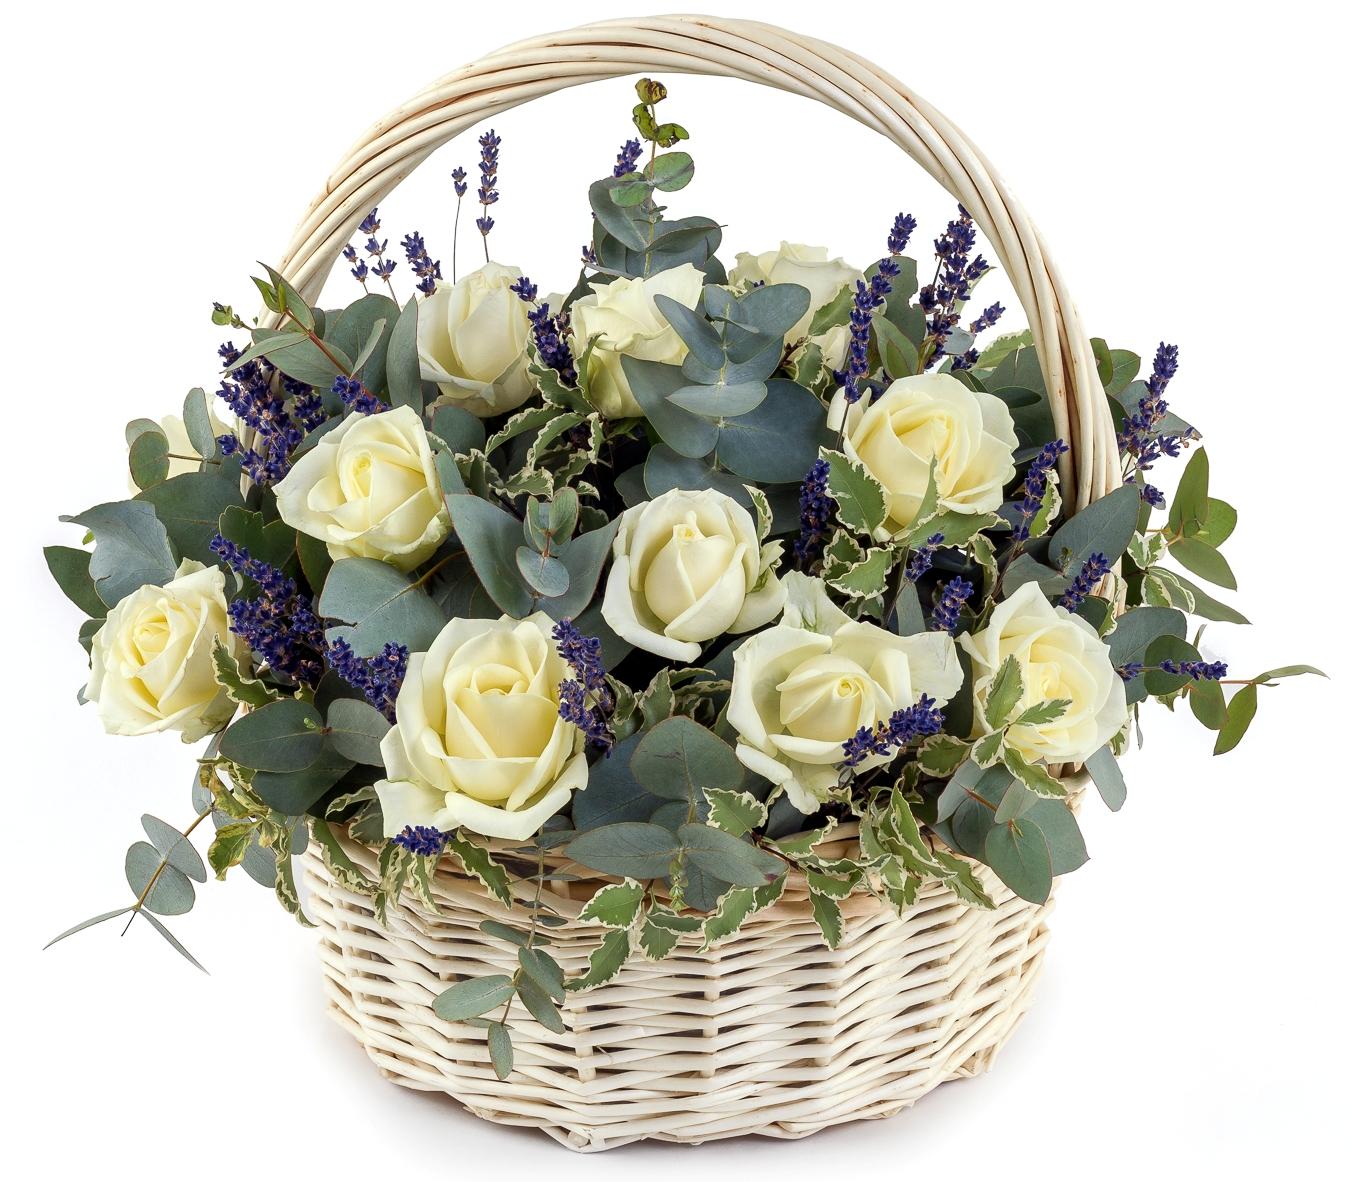 Авторский букет цветов Седьмое небо детский матрас седьмое небо 022 султан элит